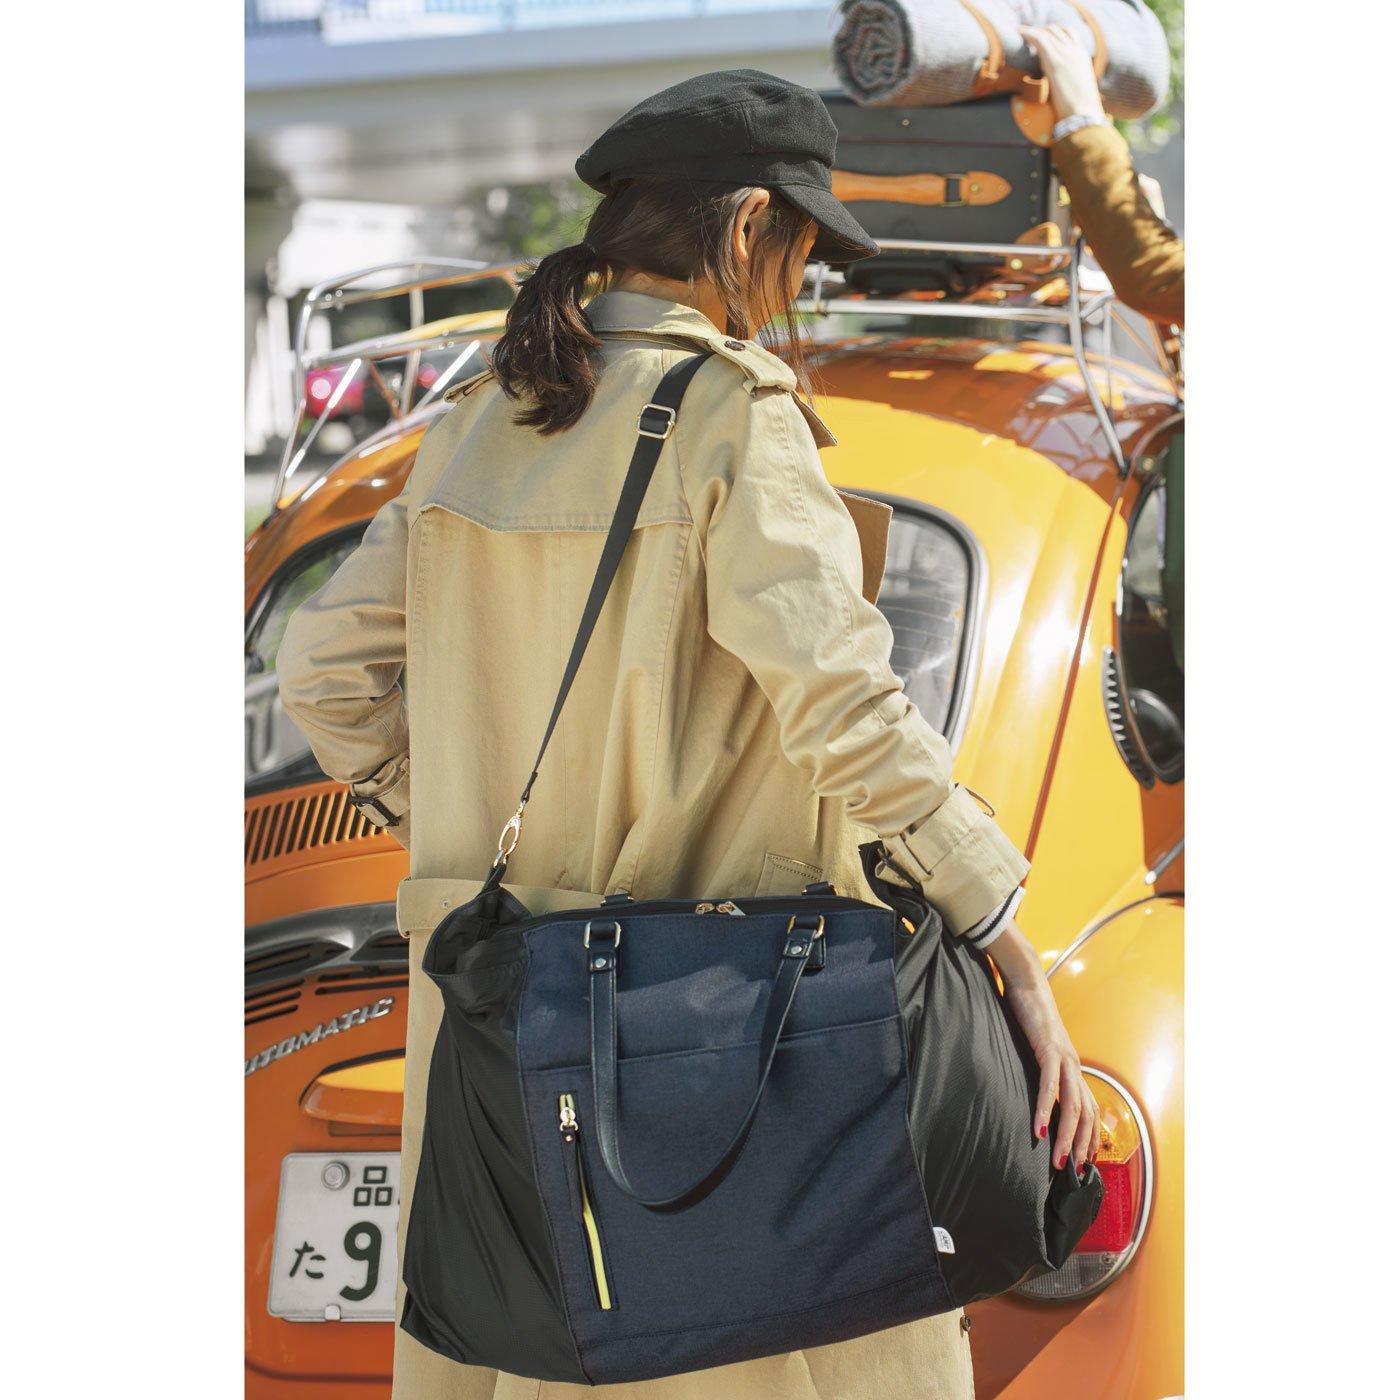 サブバッグいらず荷物に合わせてサイズが変わるサイドロールバッグ